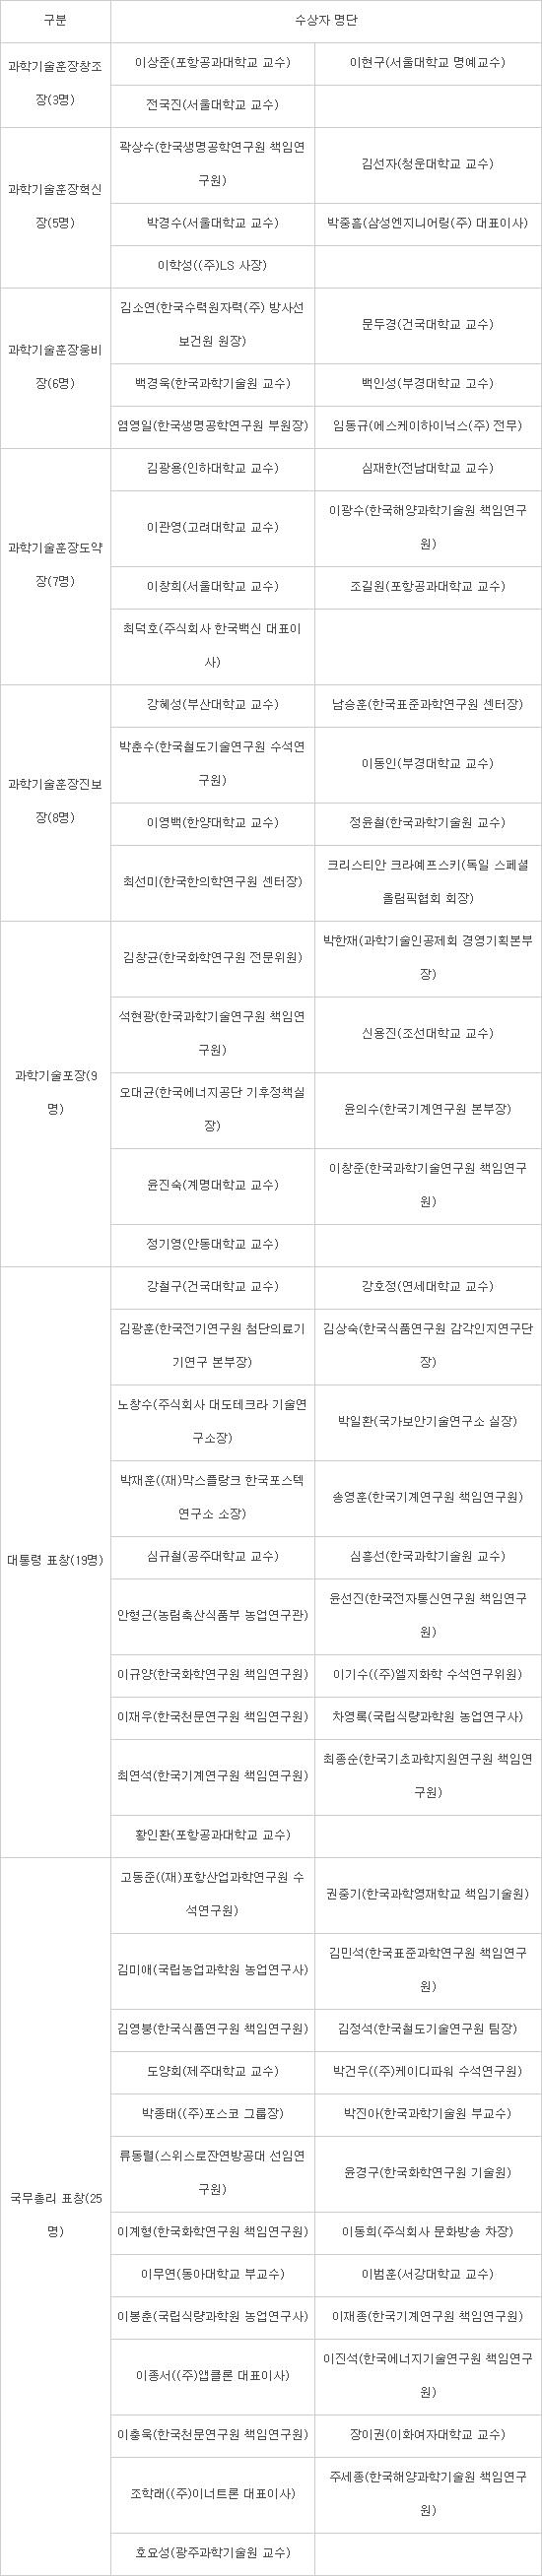 과학기술 진흥 분야 정부포상 수상자 명단